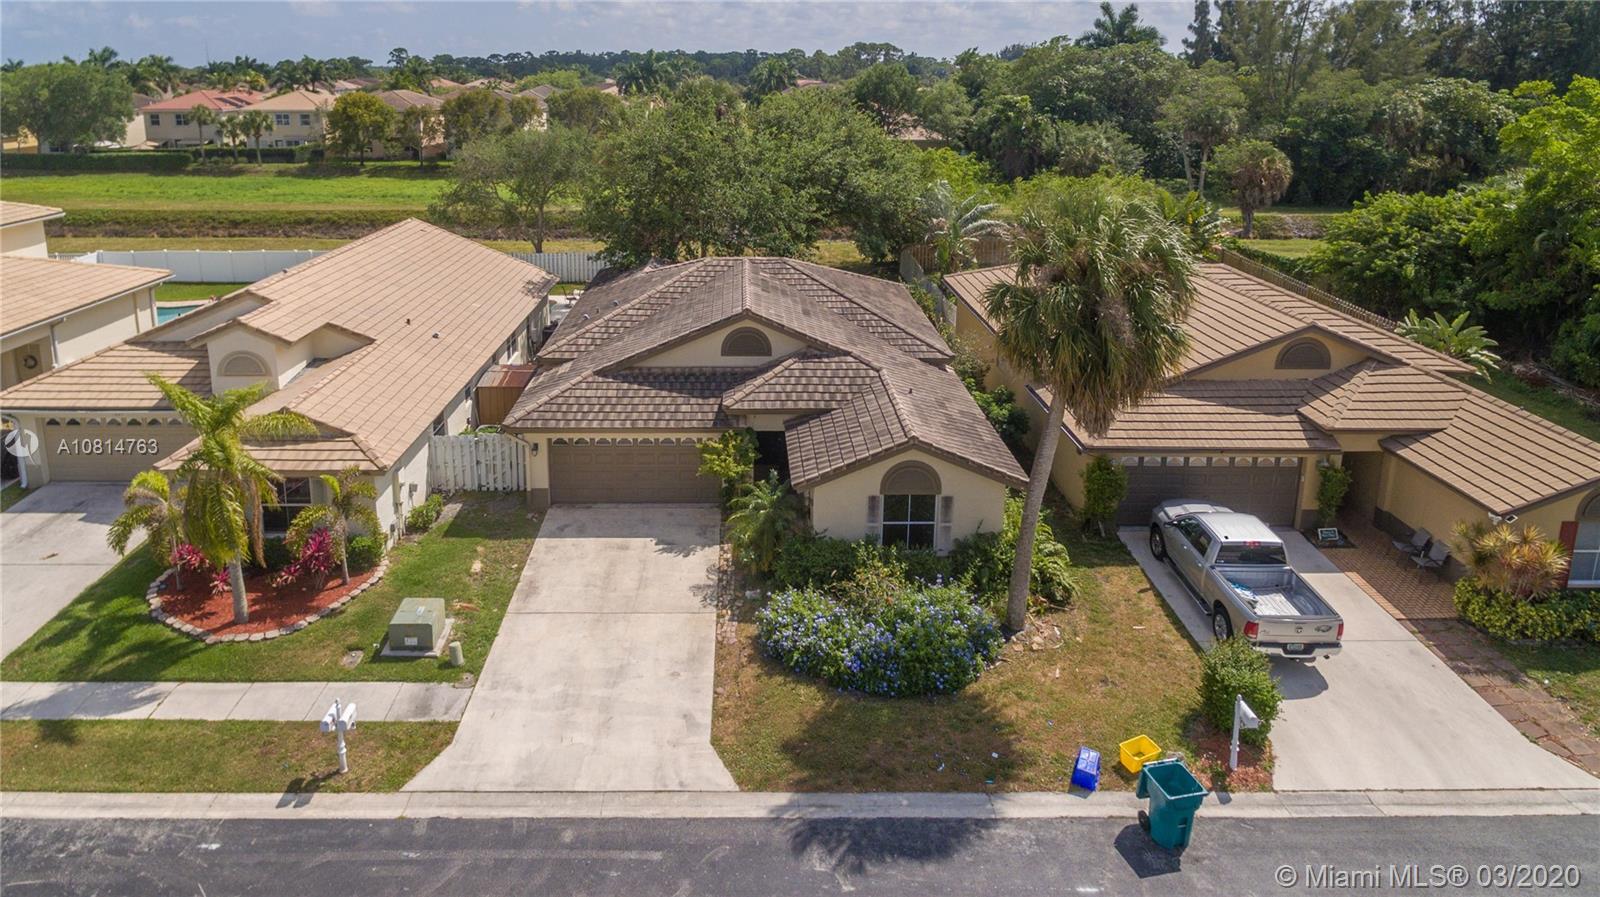 7845 Manor Forest Ln, Boynton Beach, FL 33436